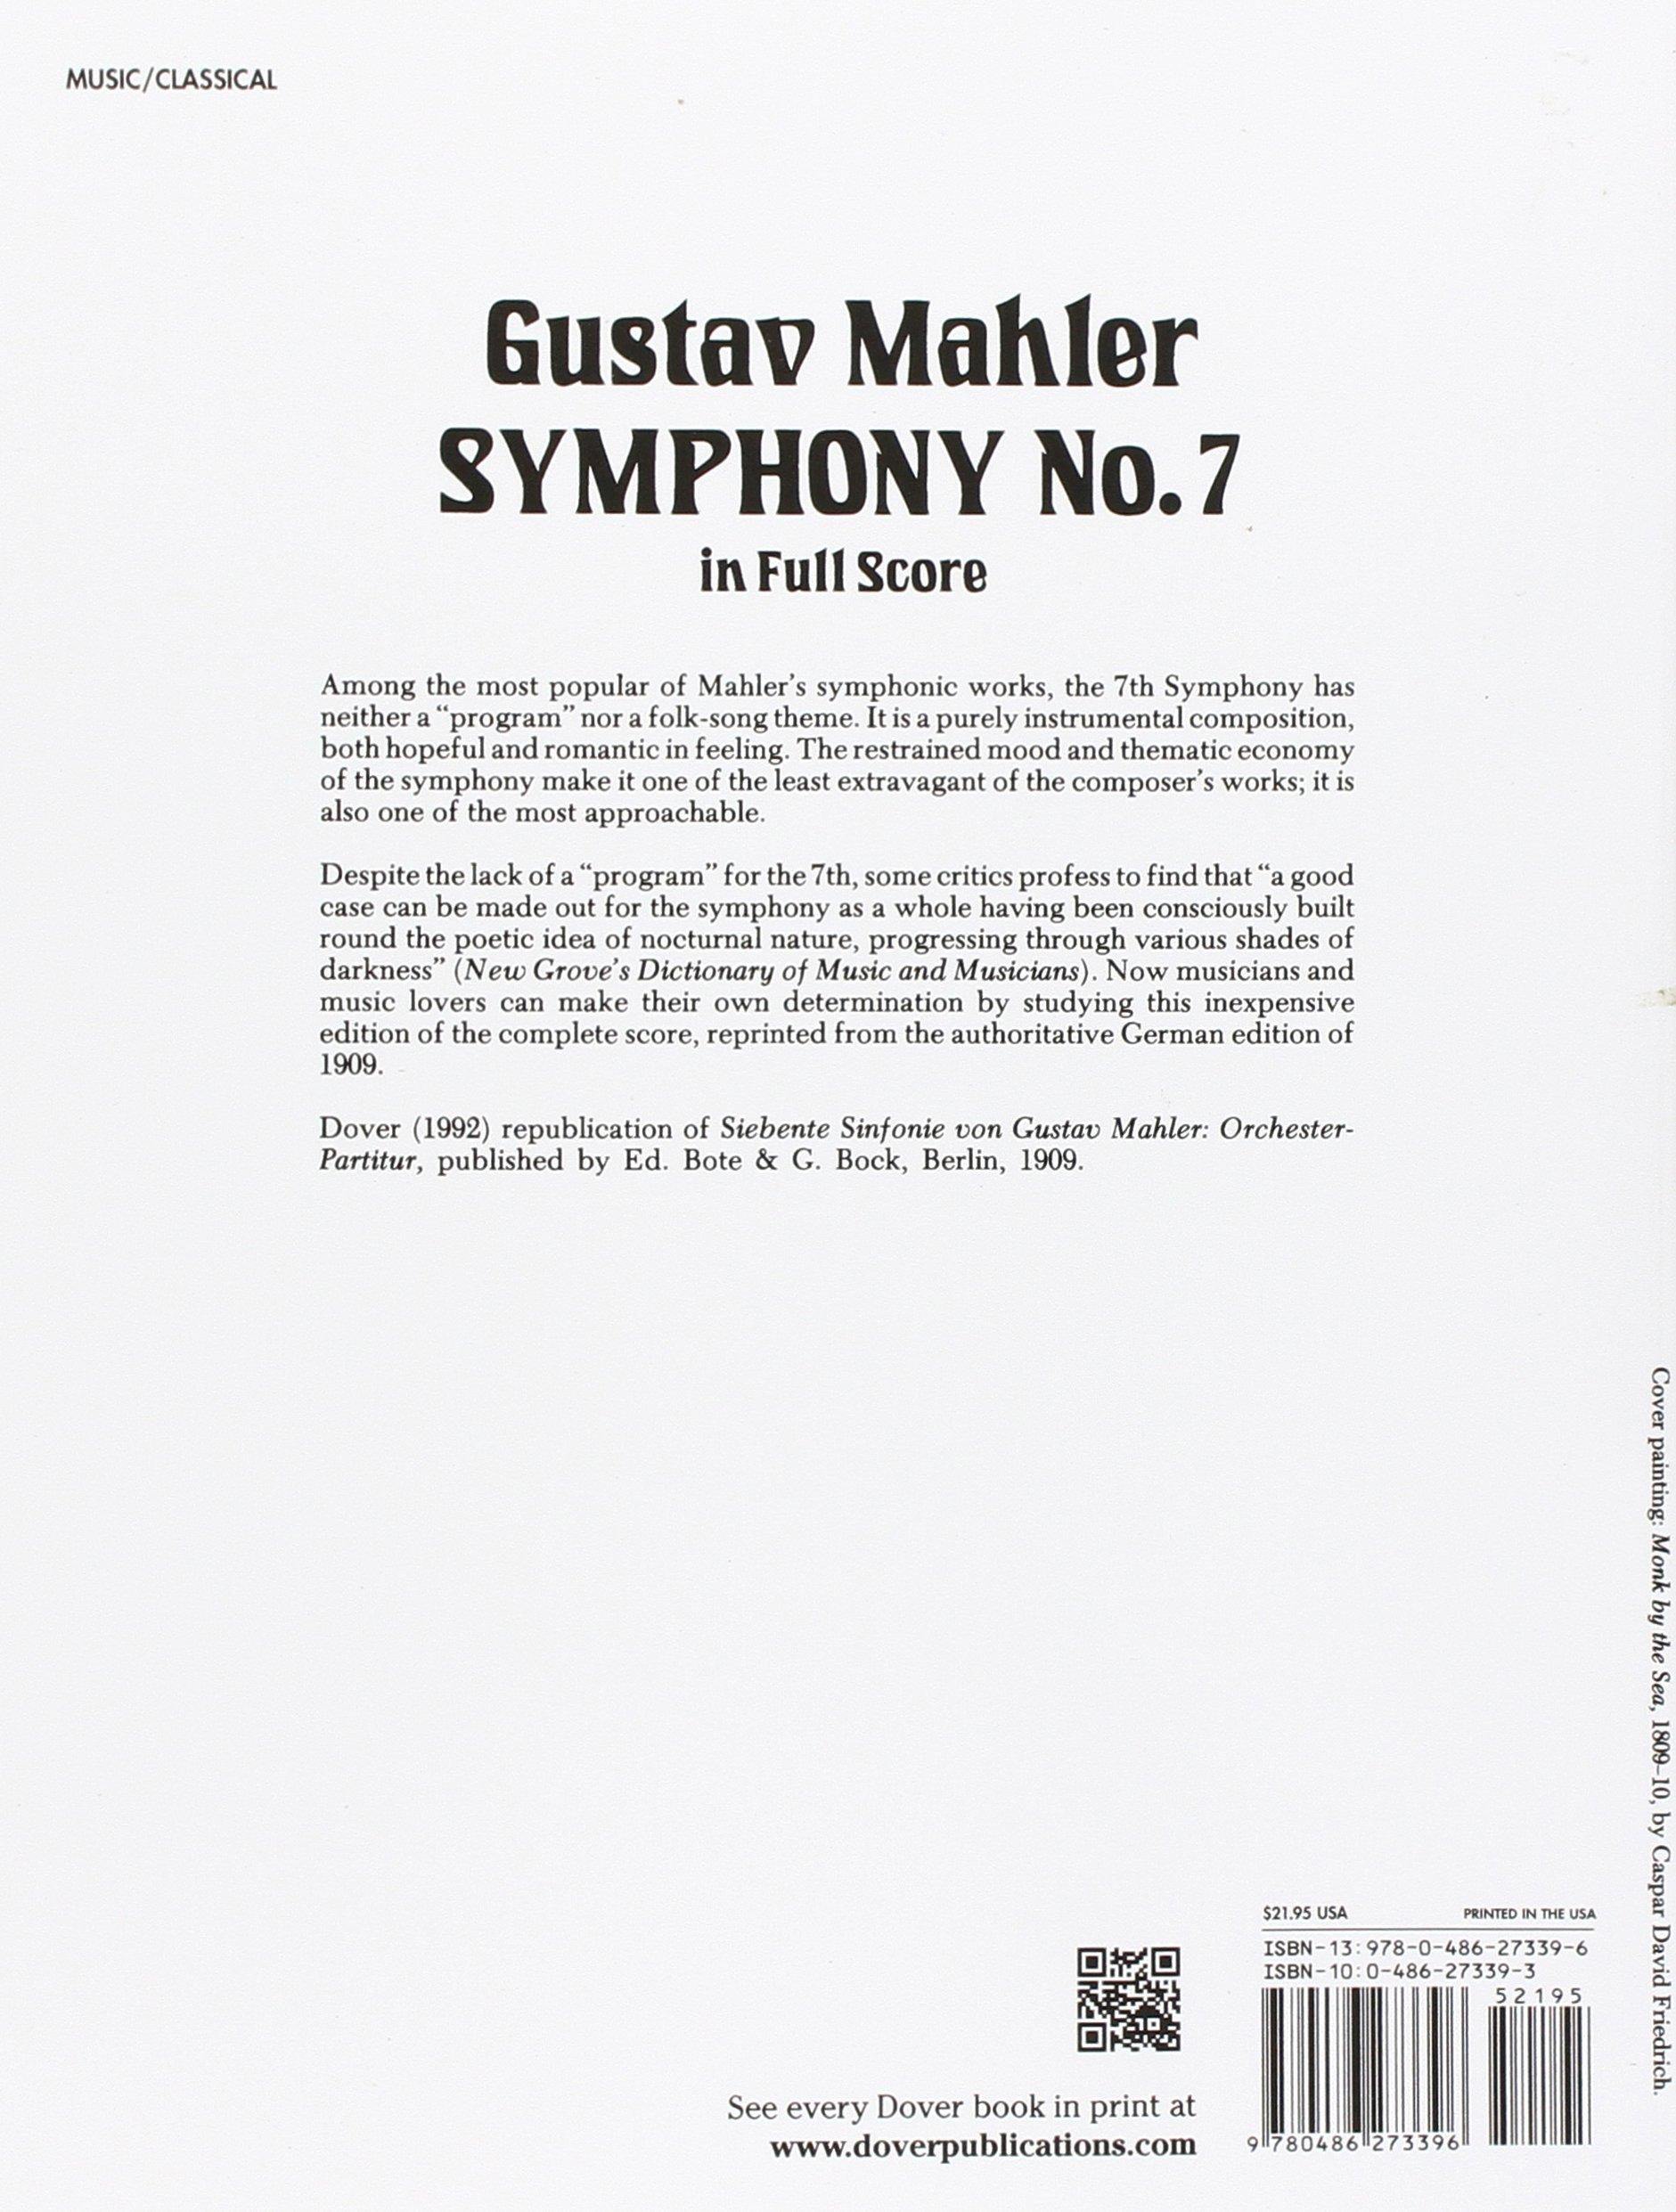 Gustav Mahler: Symphony No  7 in Full Score: Gustav Mahler